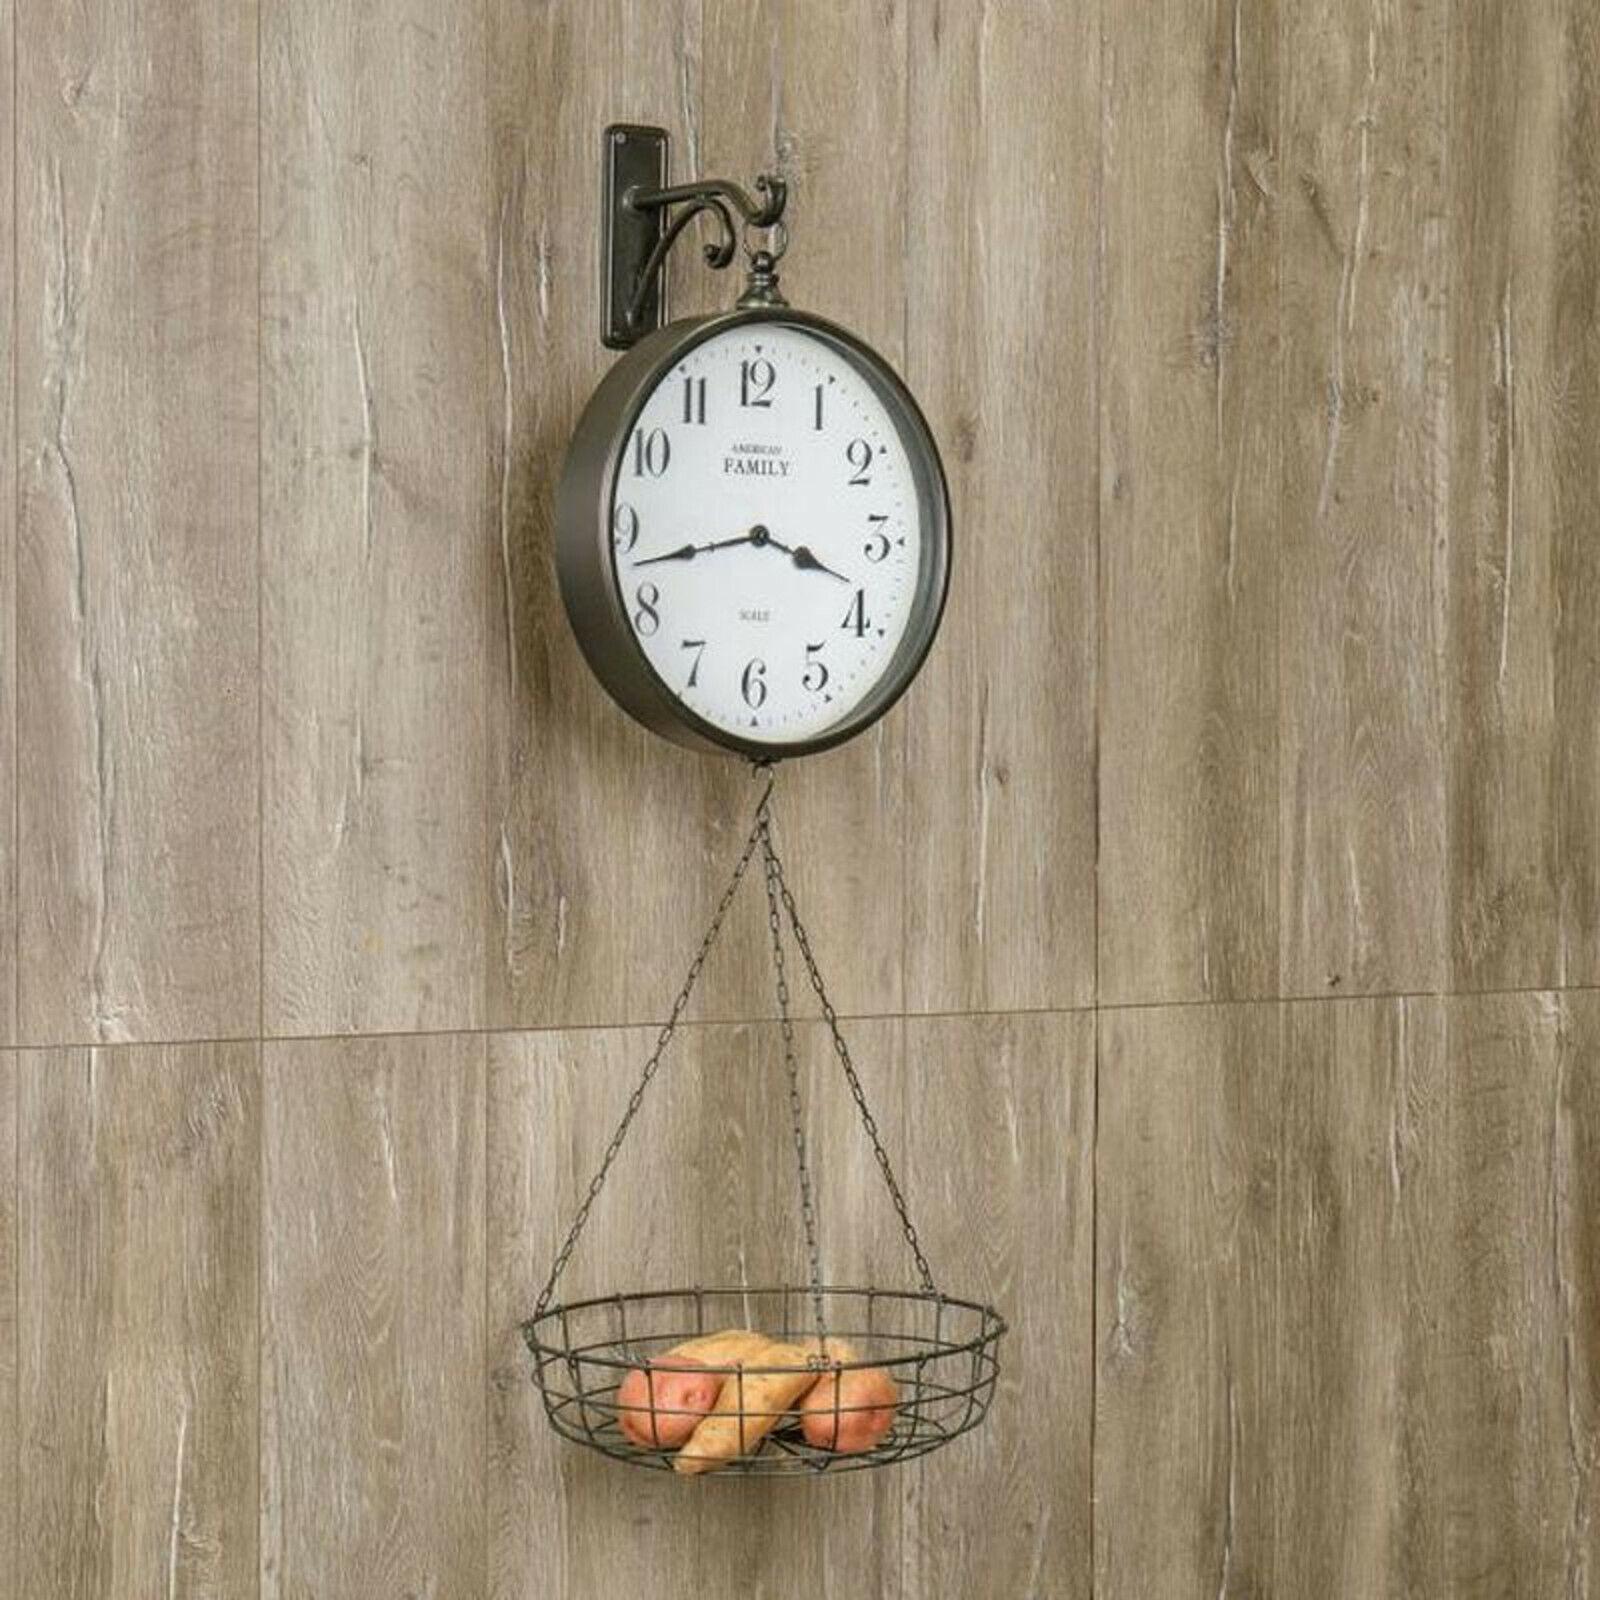 Ferme grand magasin général échelle Horloge W Hanging produire Panier Mur Crochet